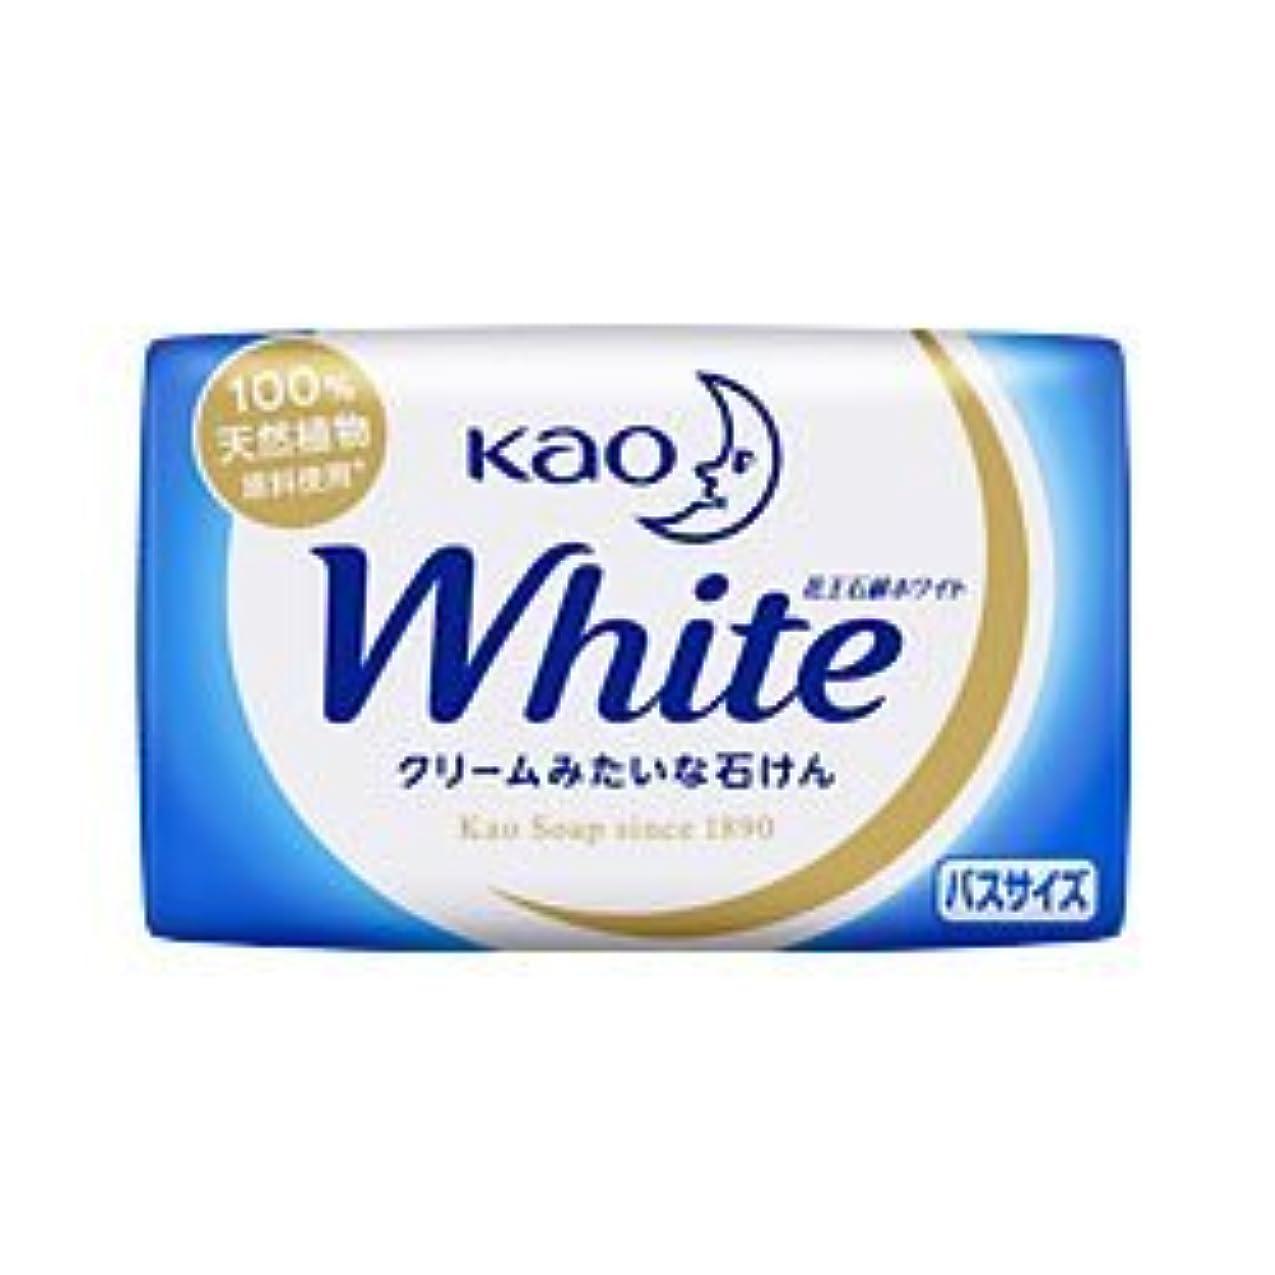 レタッチ専門化するセクタ【花王】花王ホワイト バスサイズ 1個 130g ×5個セット